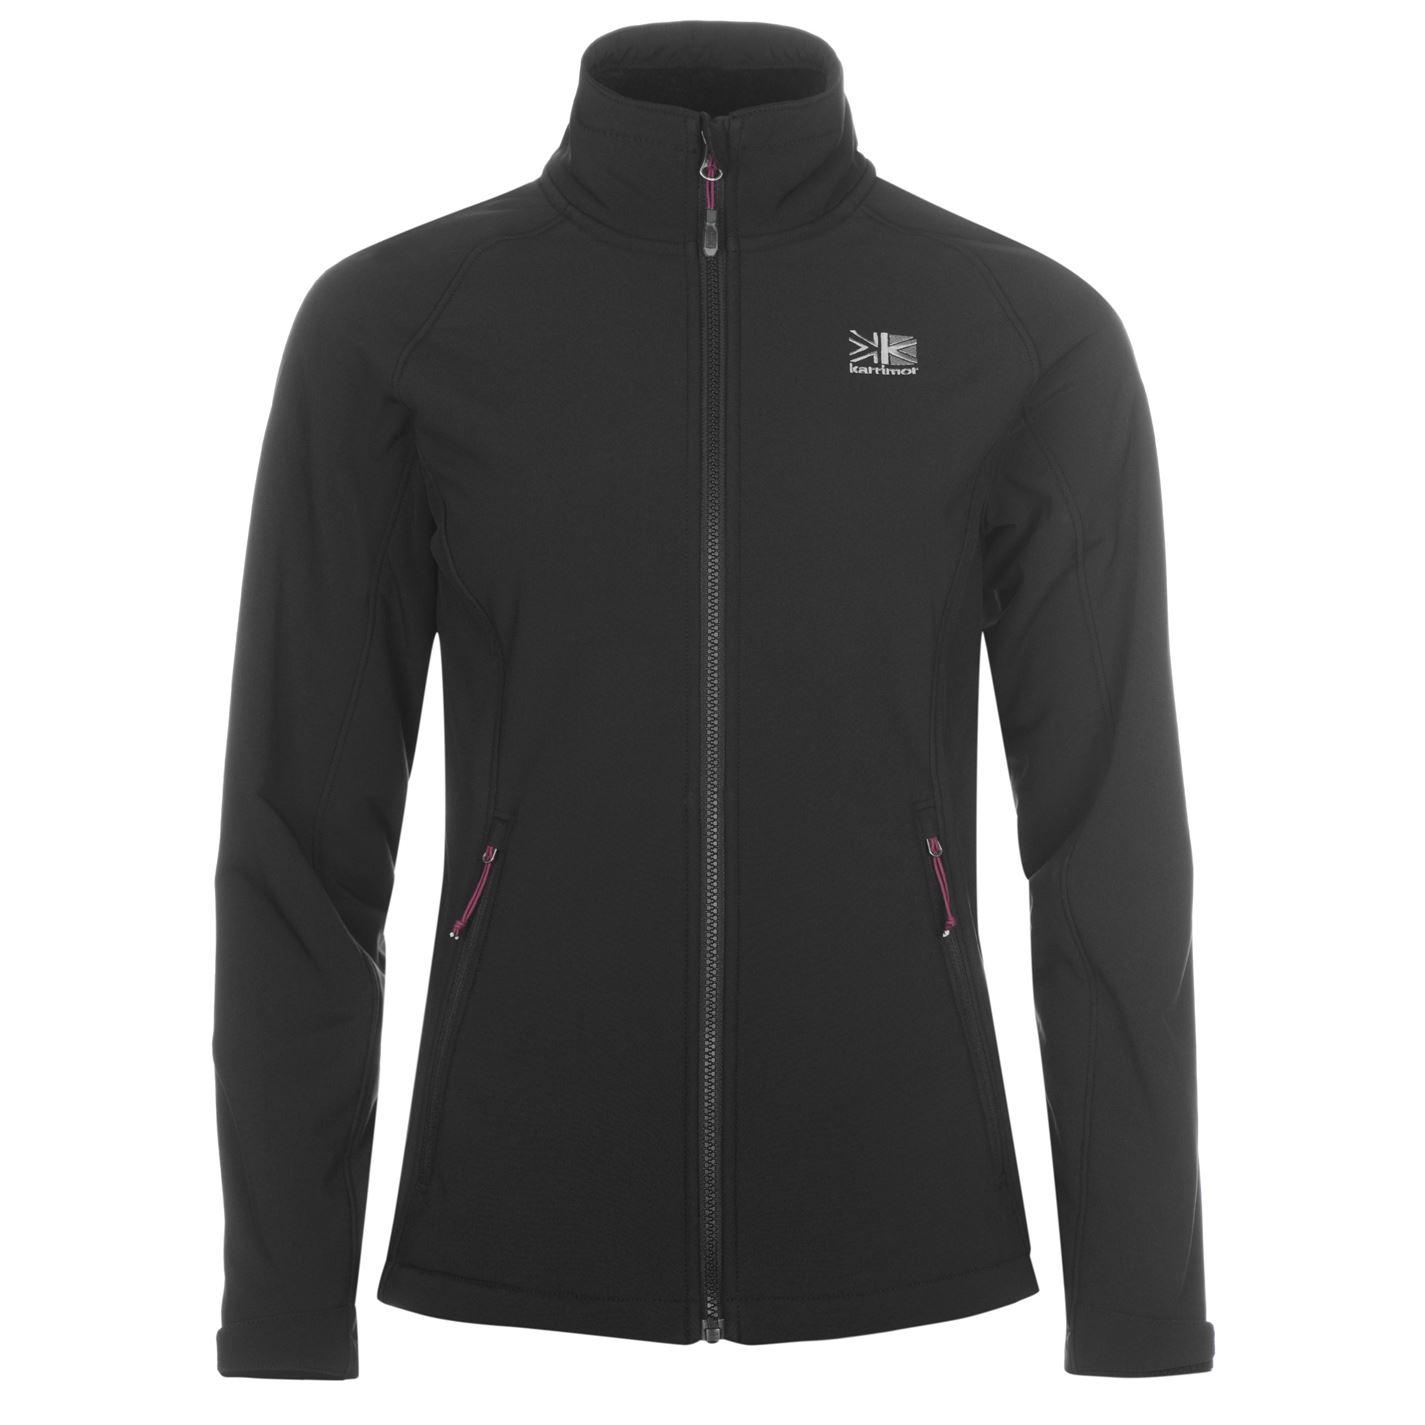 Karrimor Glacier Softshell Jacket Ladies